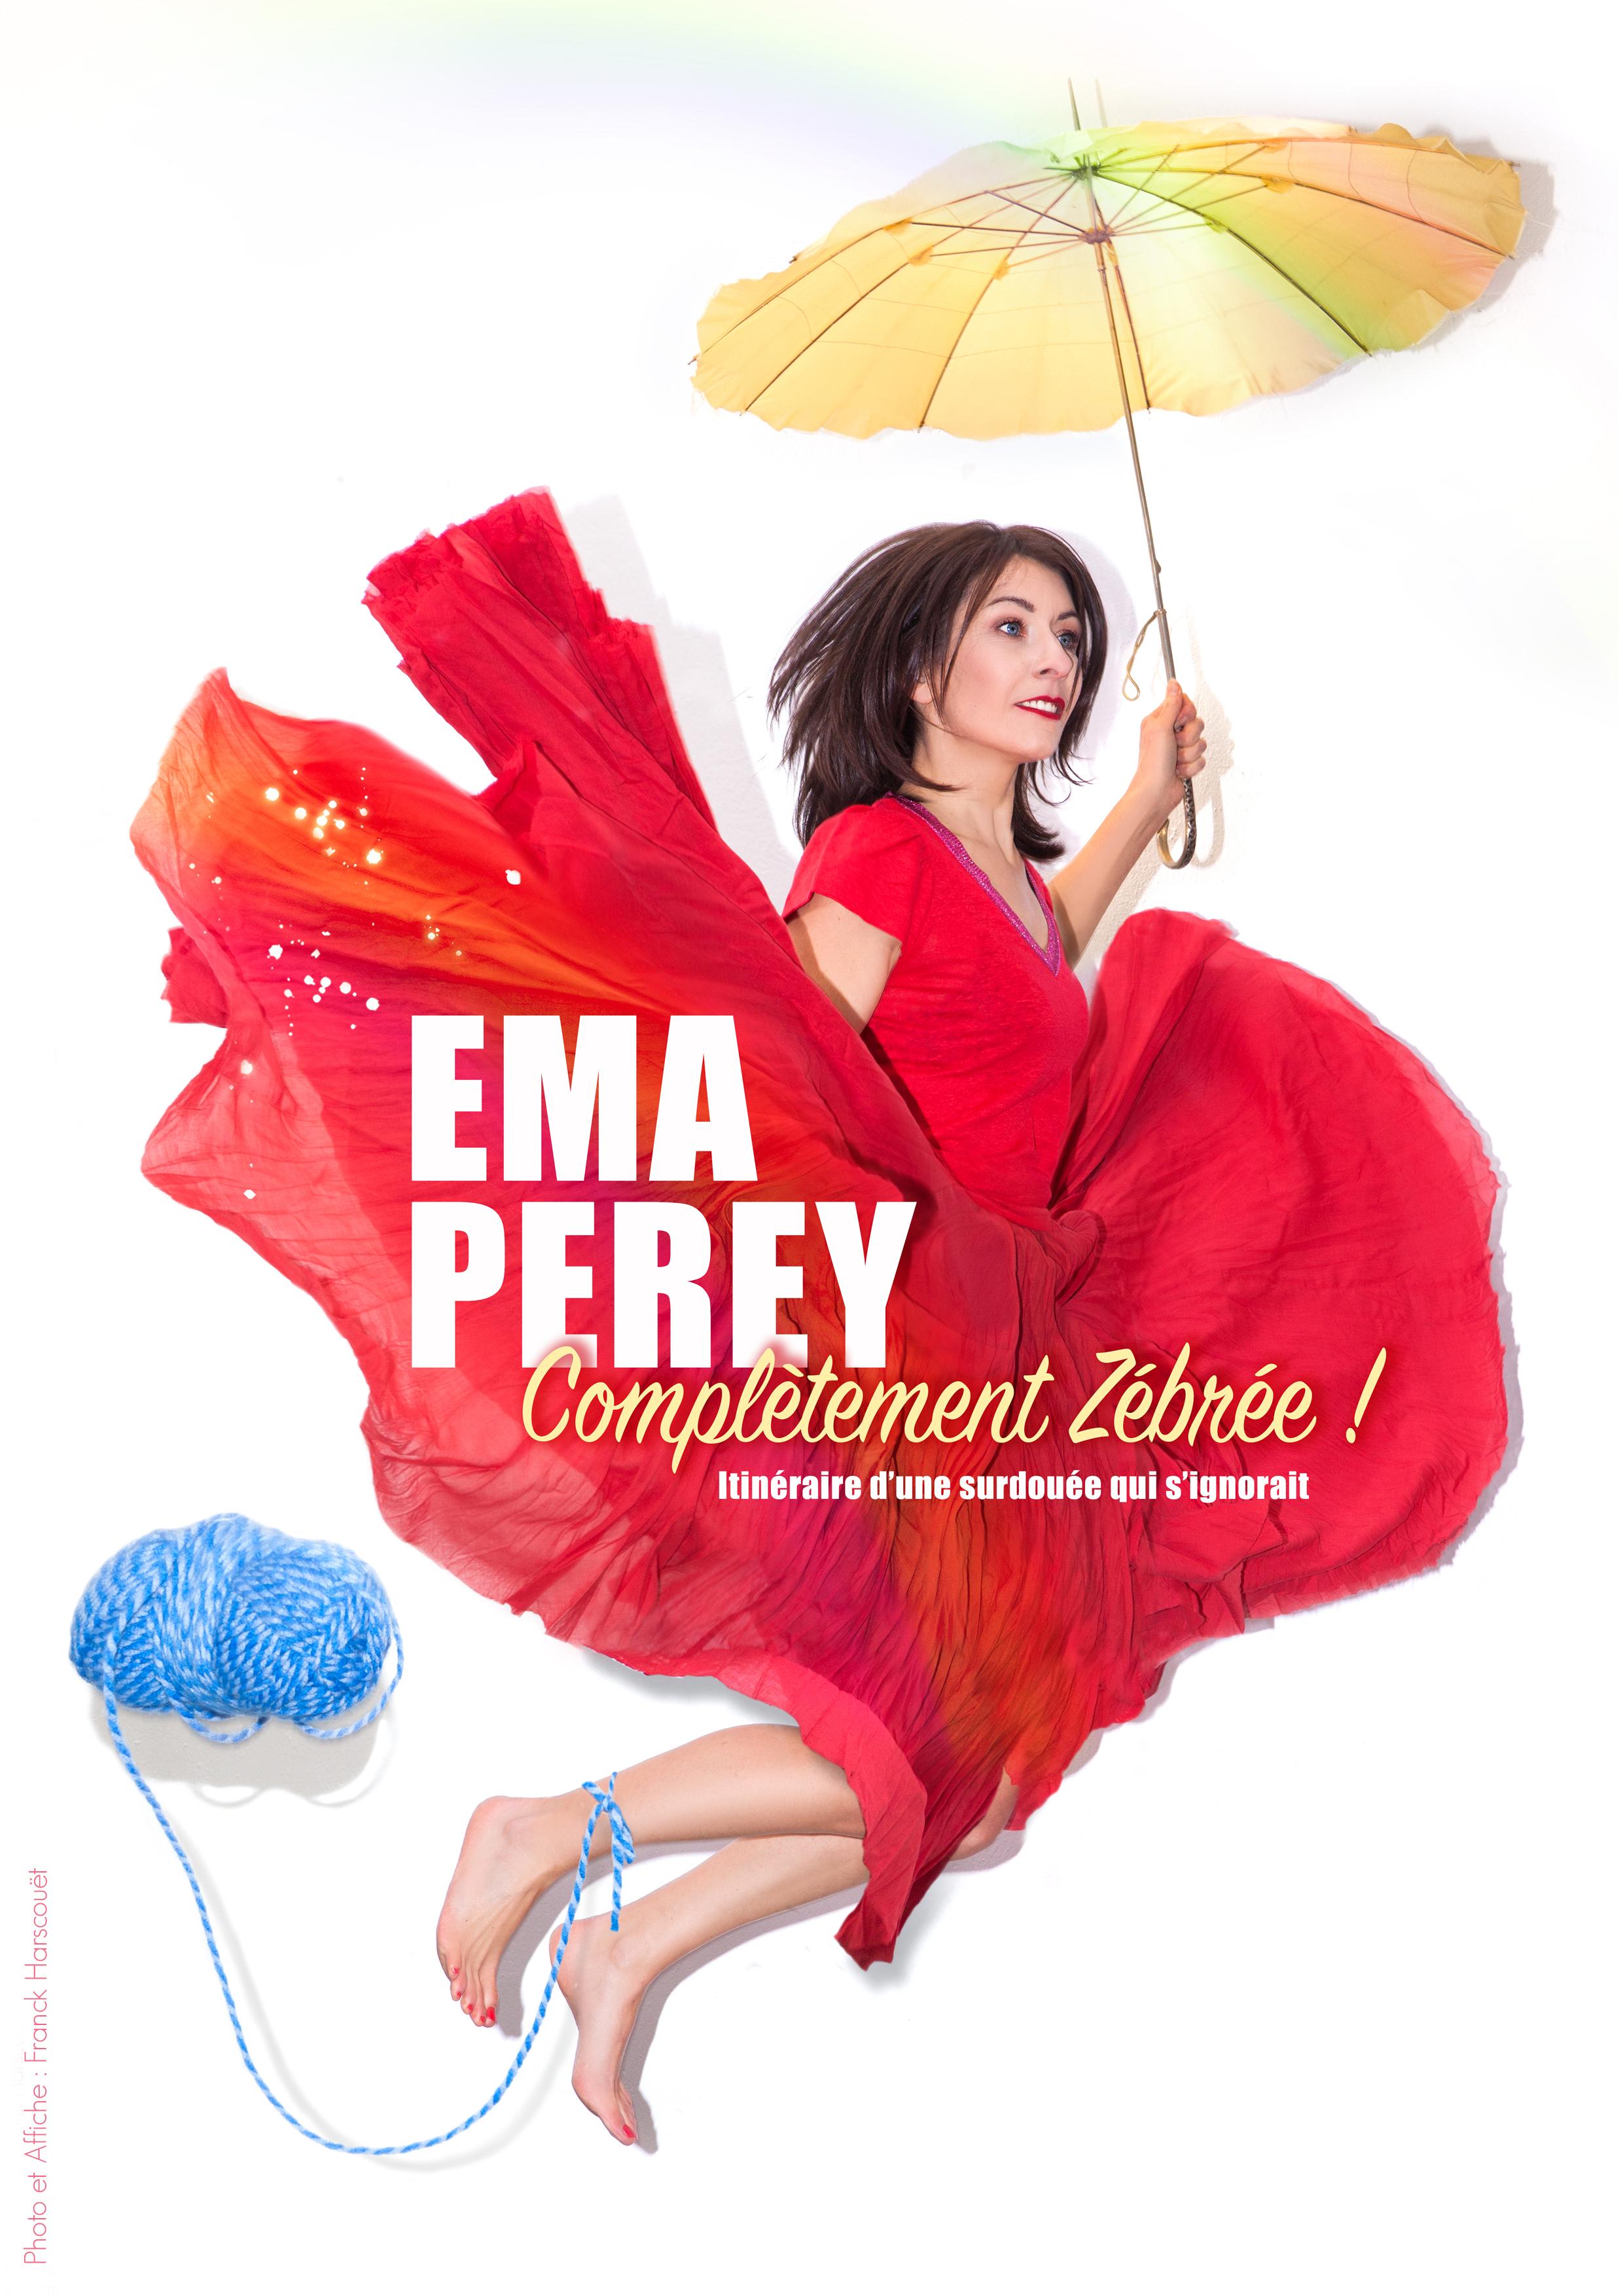 Complètement zébrée -  EMA PEREY - Compagnie Bérénice